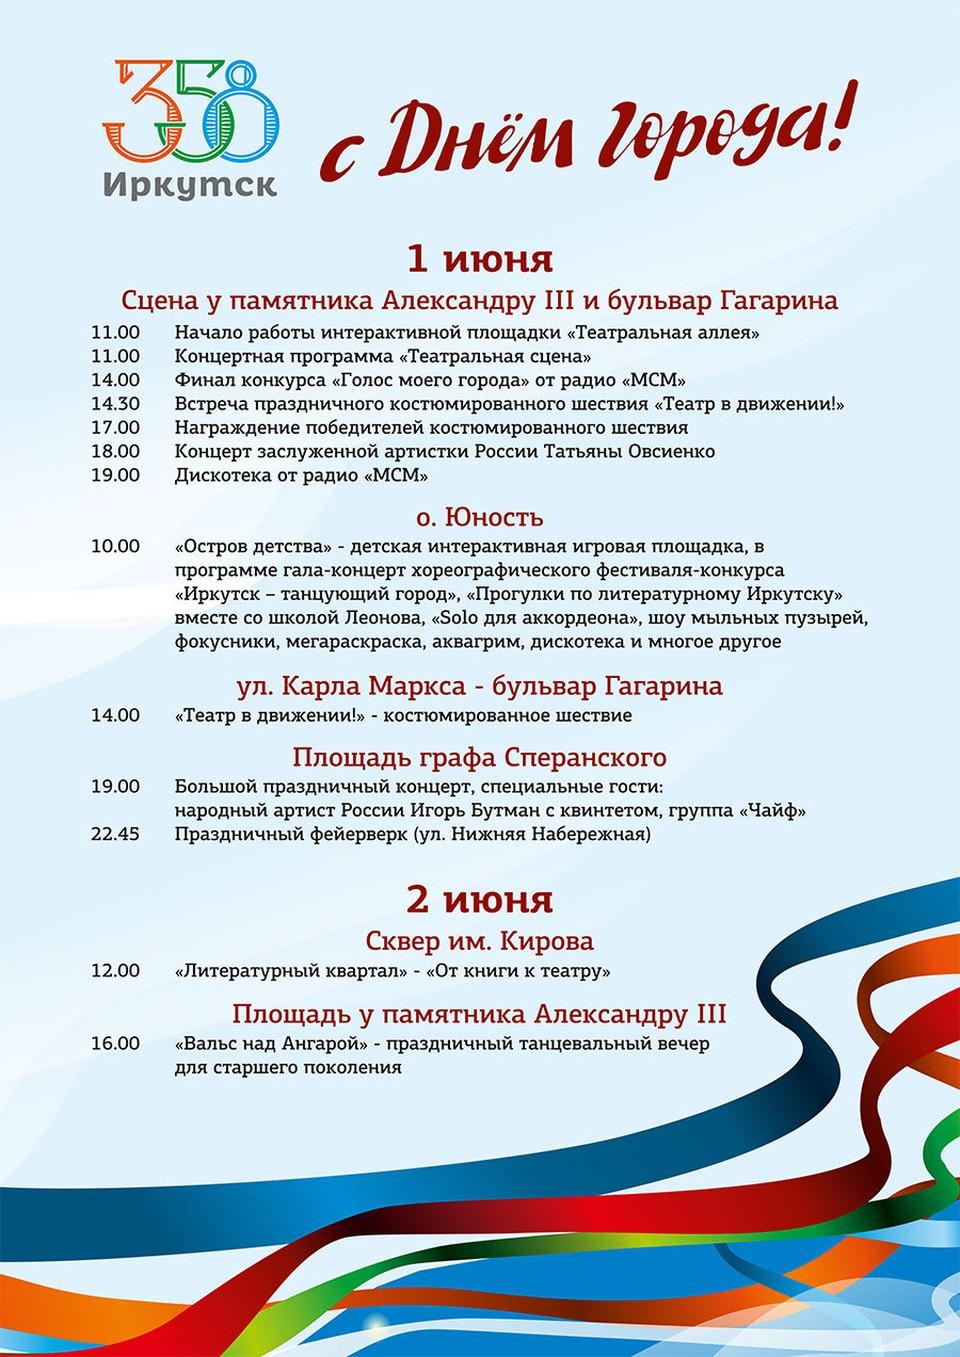 гость заместитель мэра — председатель комитета по социальной политике и культуре администрации Иркутска Виталий Барышников